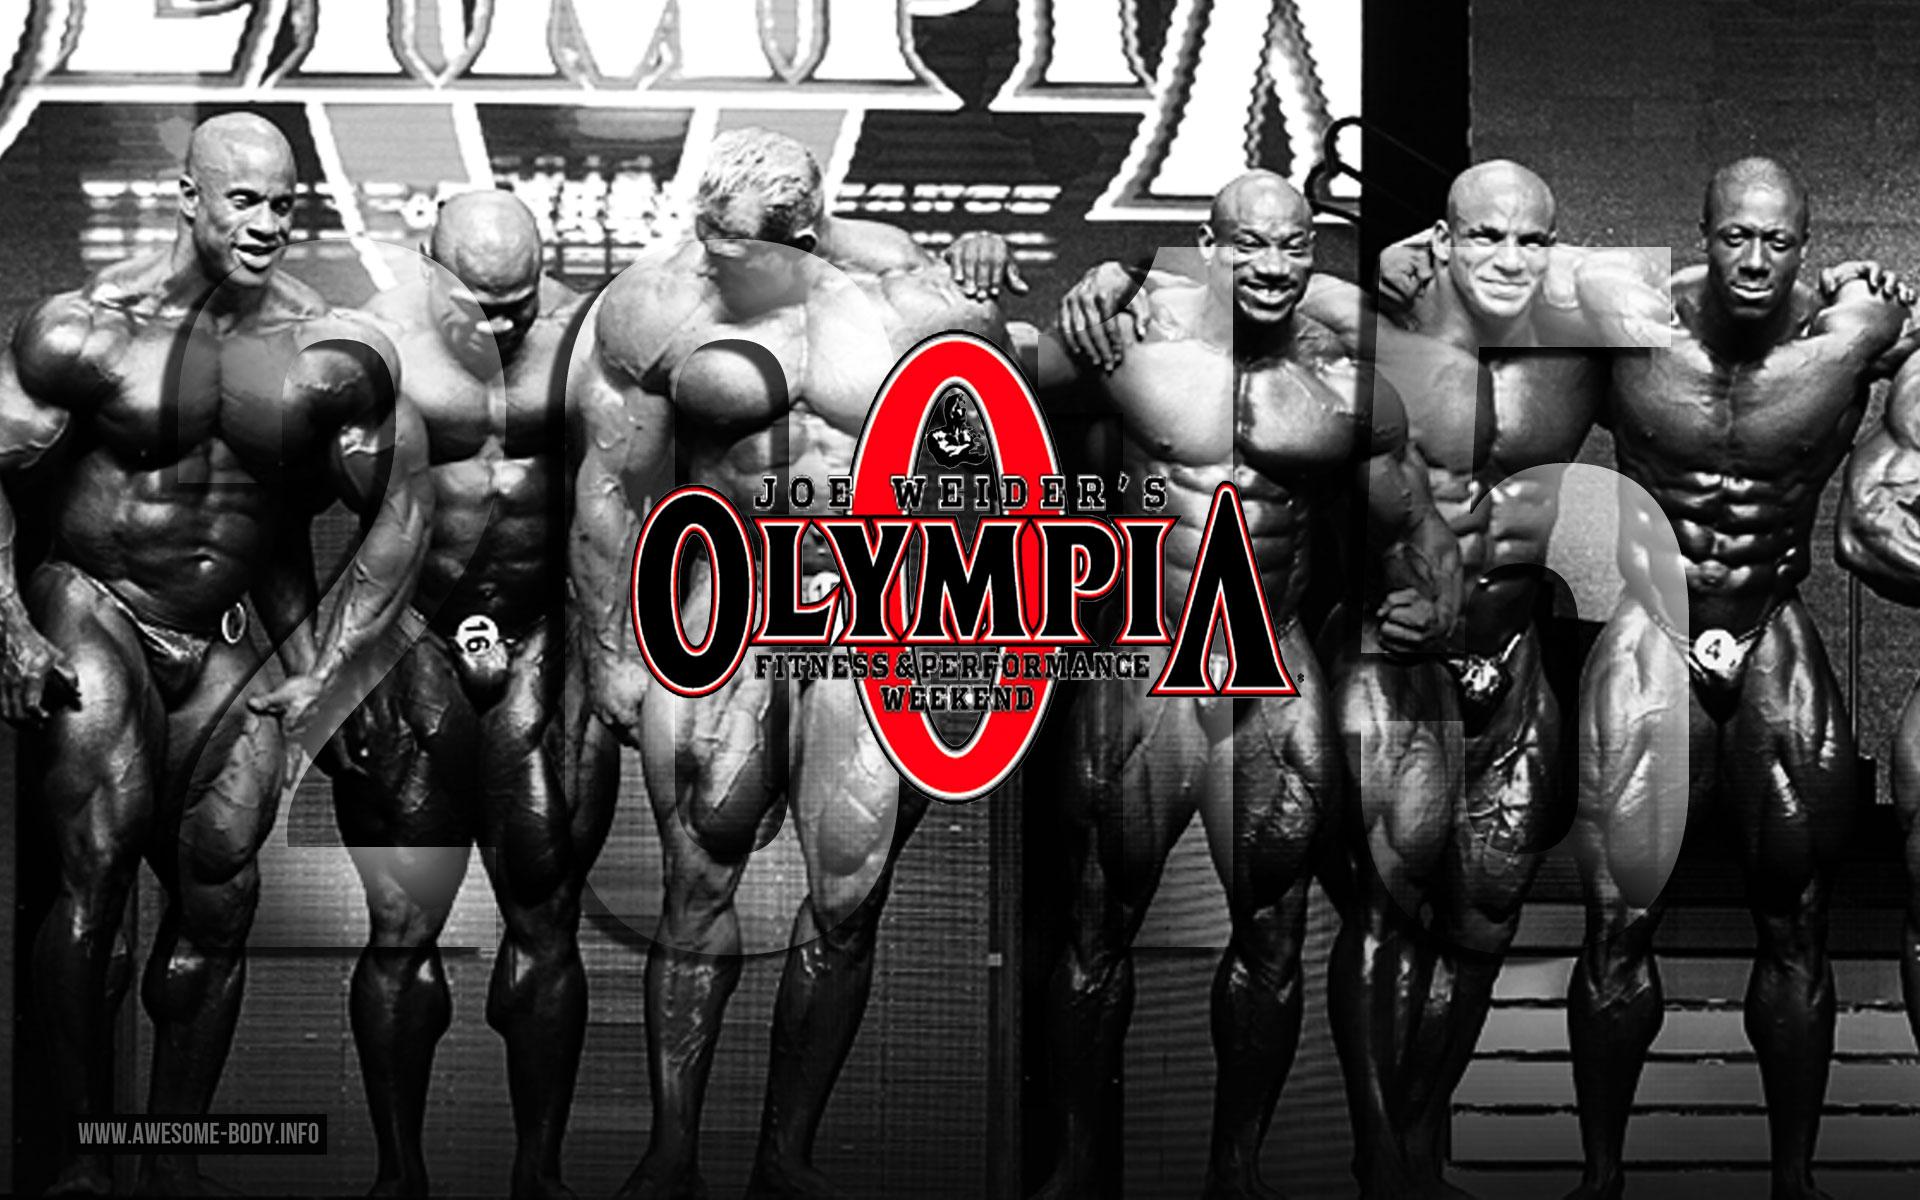 Mr Olympia Wallpaper 1920x1200